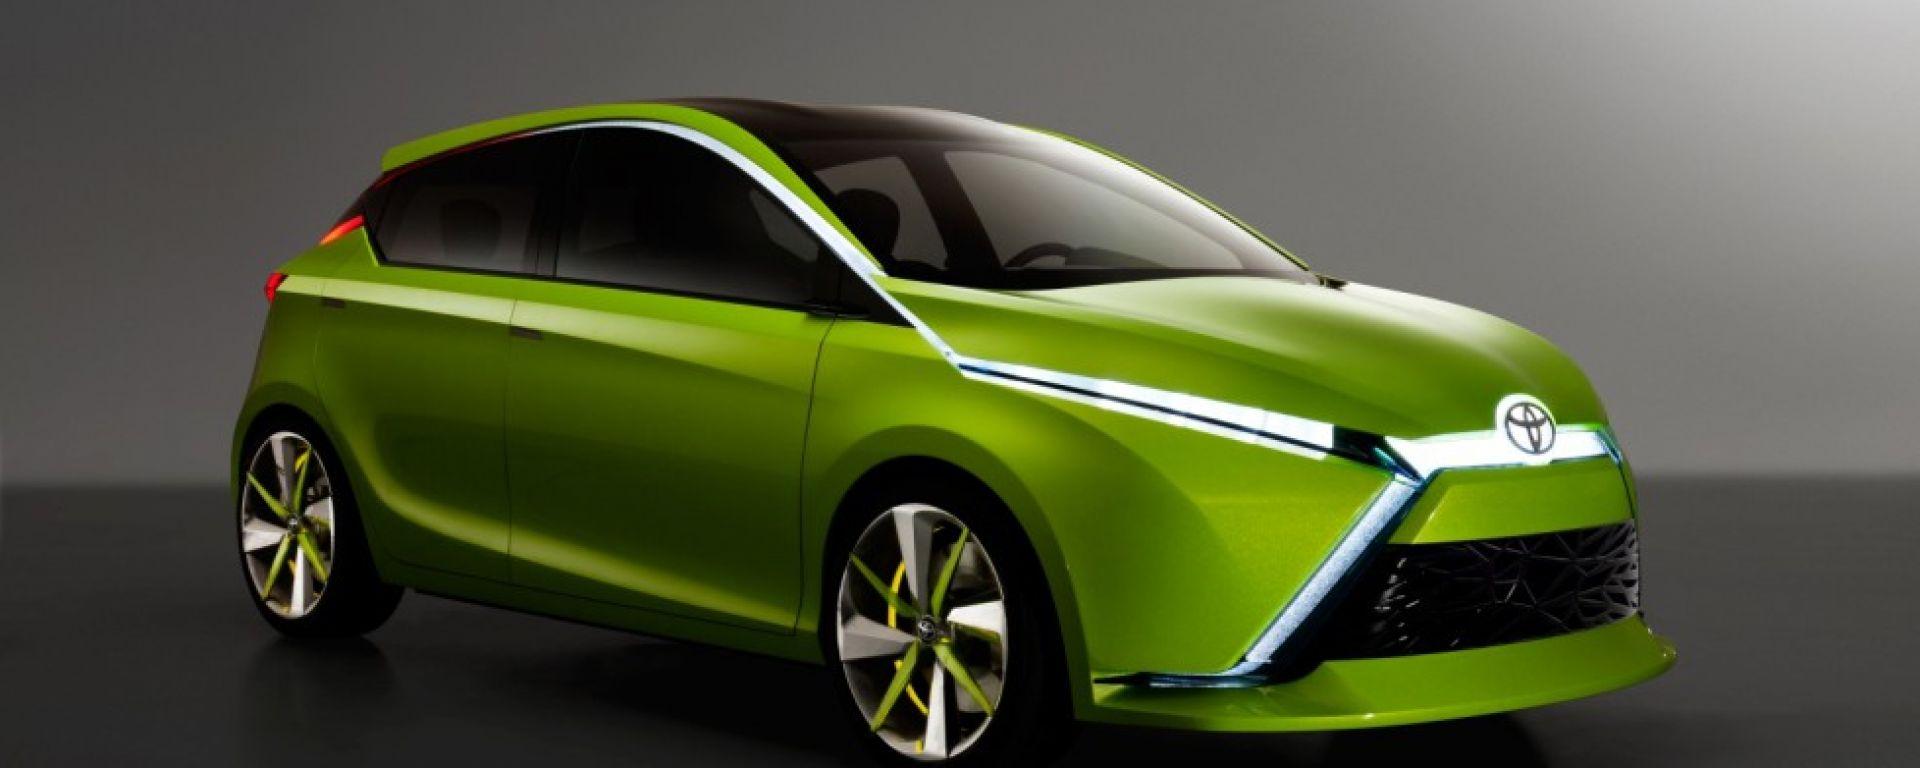 Toyota, tre concept al salone di Pechino